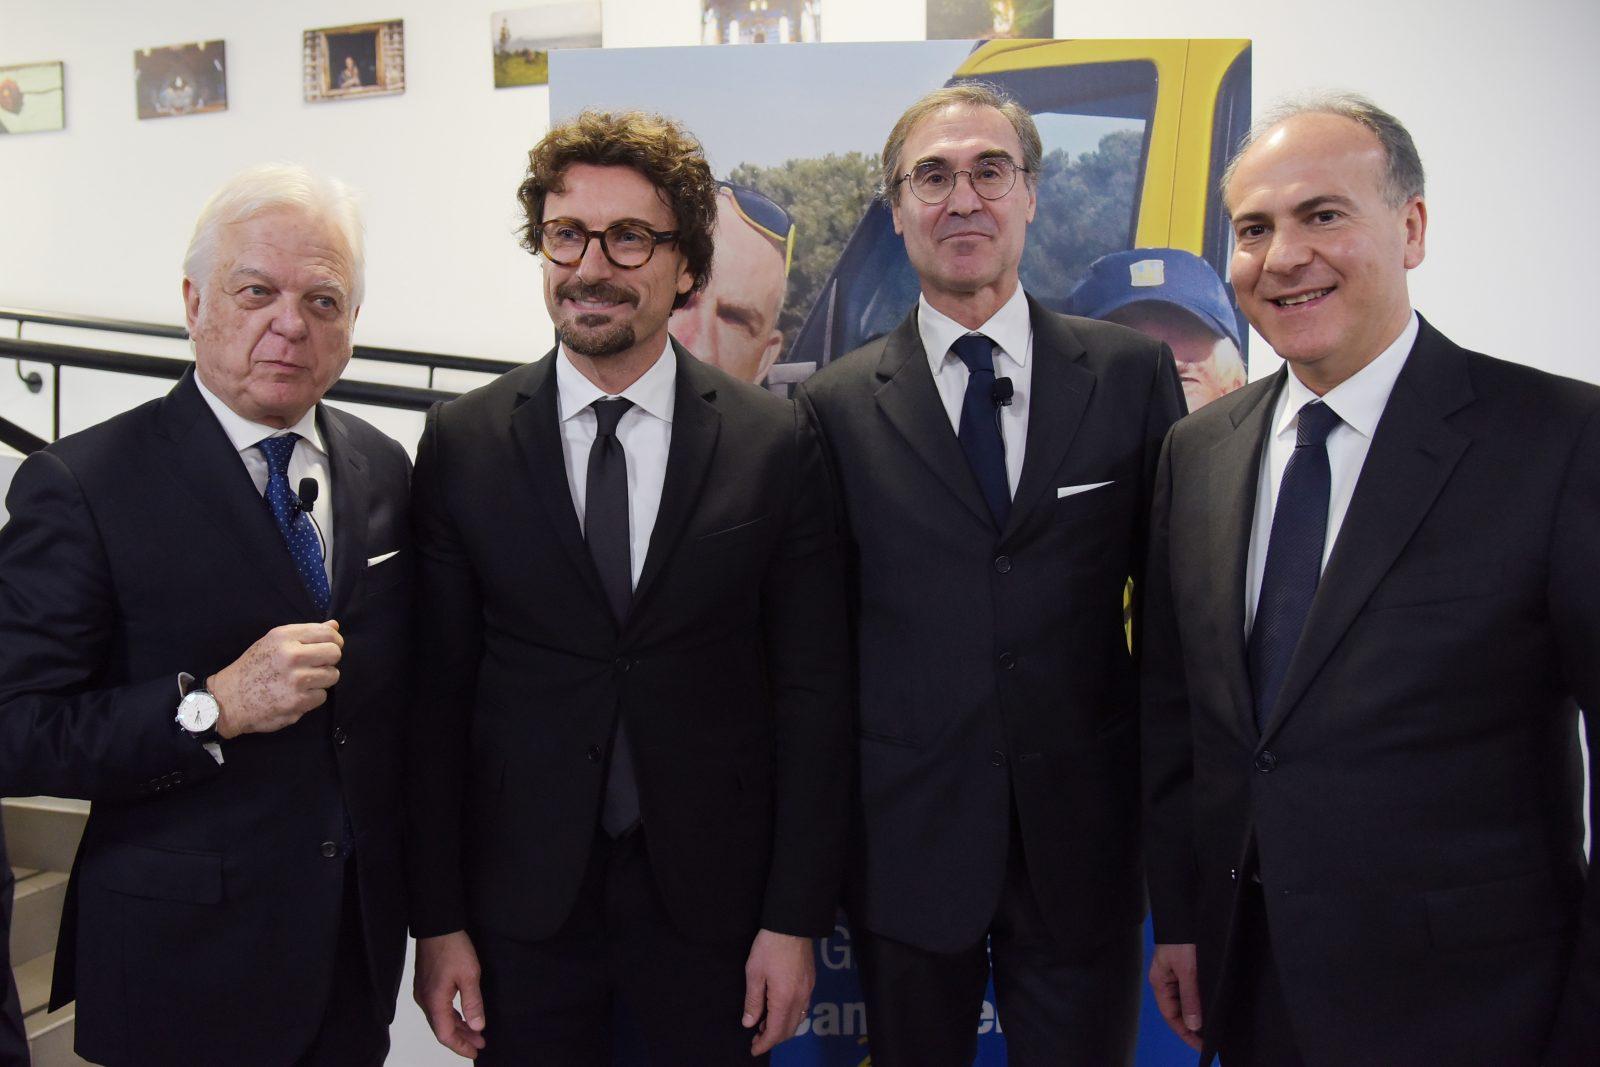 Da sinistra: il presidente Anas Claudio Andrea Gemme, il ministro Danilo Toninelli, l'ad Anas Massimo Simonini e l'ad di Ferrovie dello Stato Italiane Gianfranco Battisti (Archivio Anas, gennaio 2019)